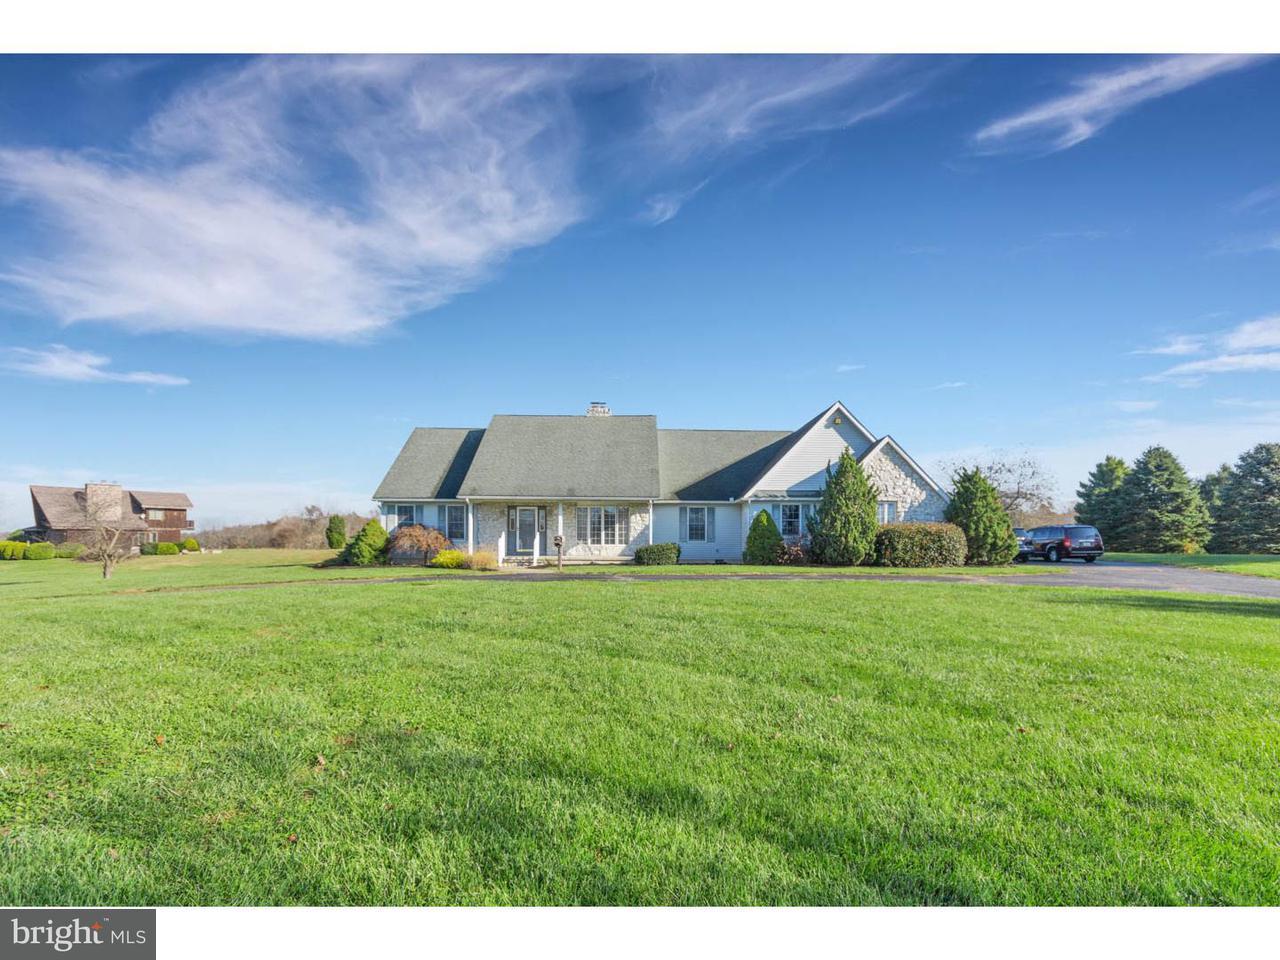 Частный односемейный дом для того Продажа на 242 WOODSTOWN DARETOWN Road Pilesgrove, Нью-Джерси 08098 Соединенные Штаты